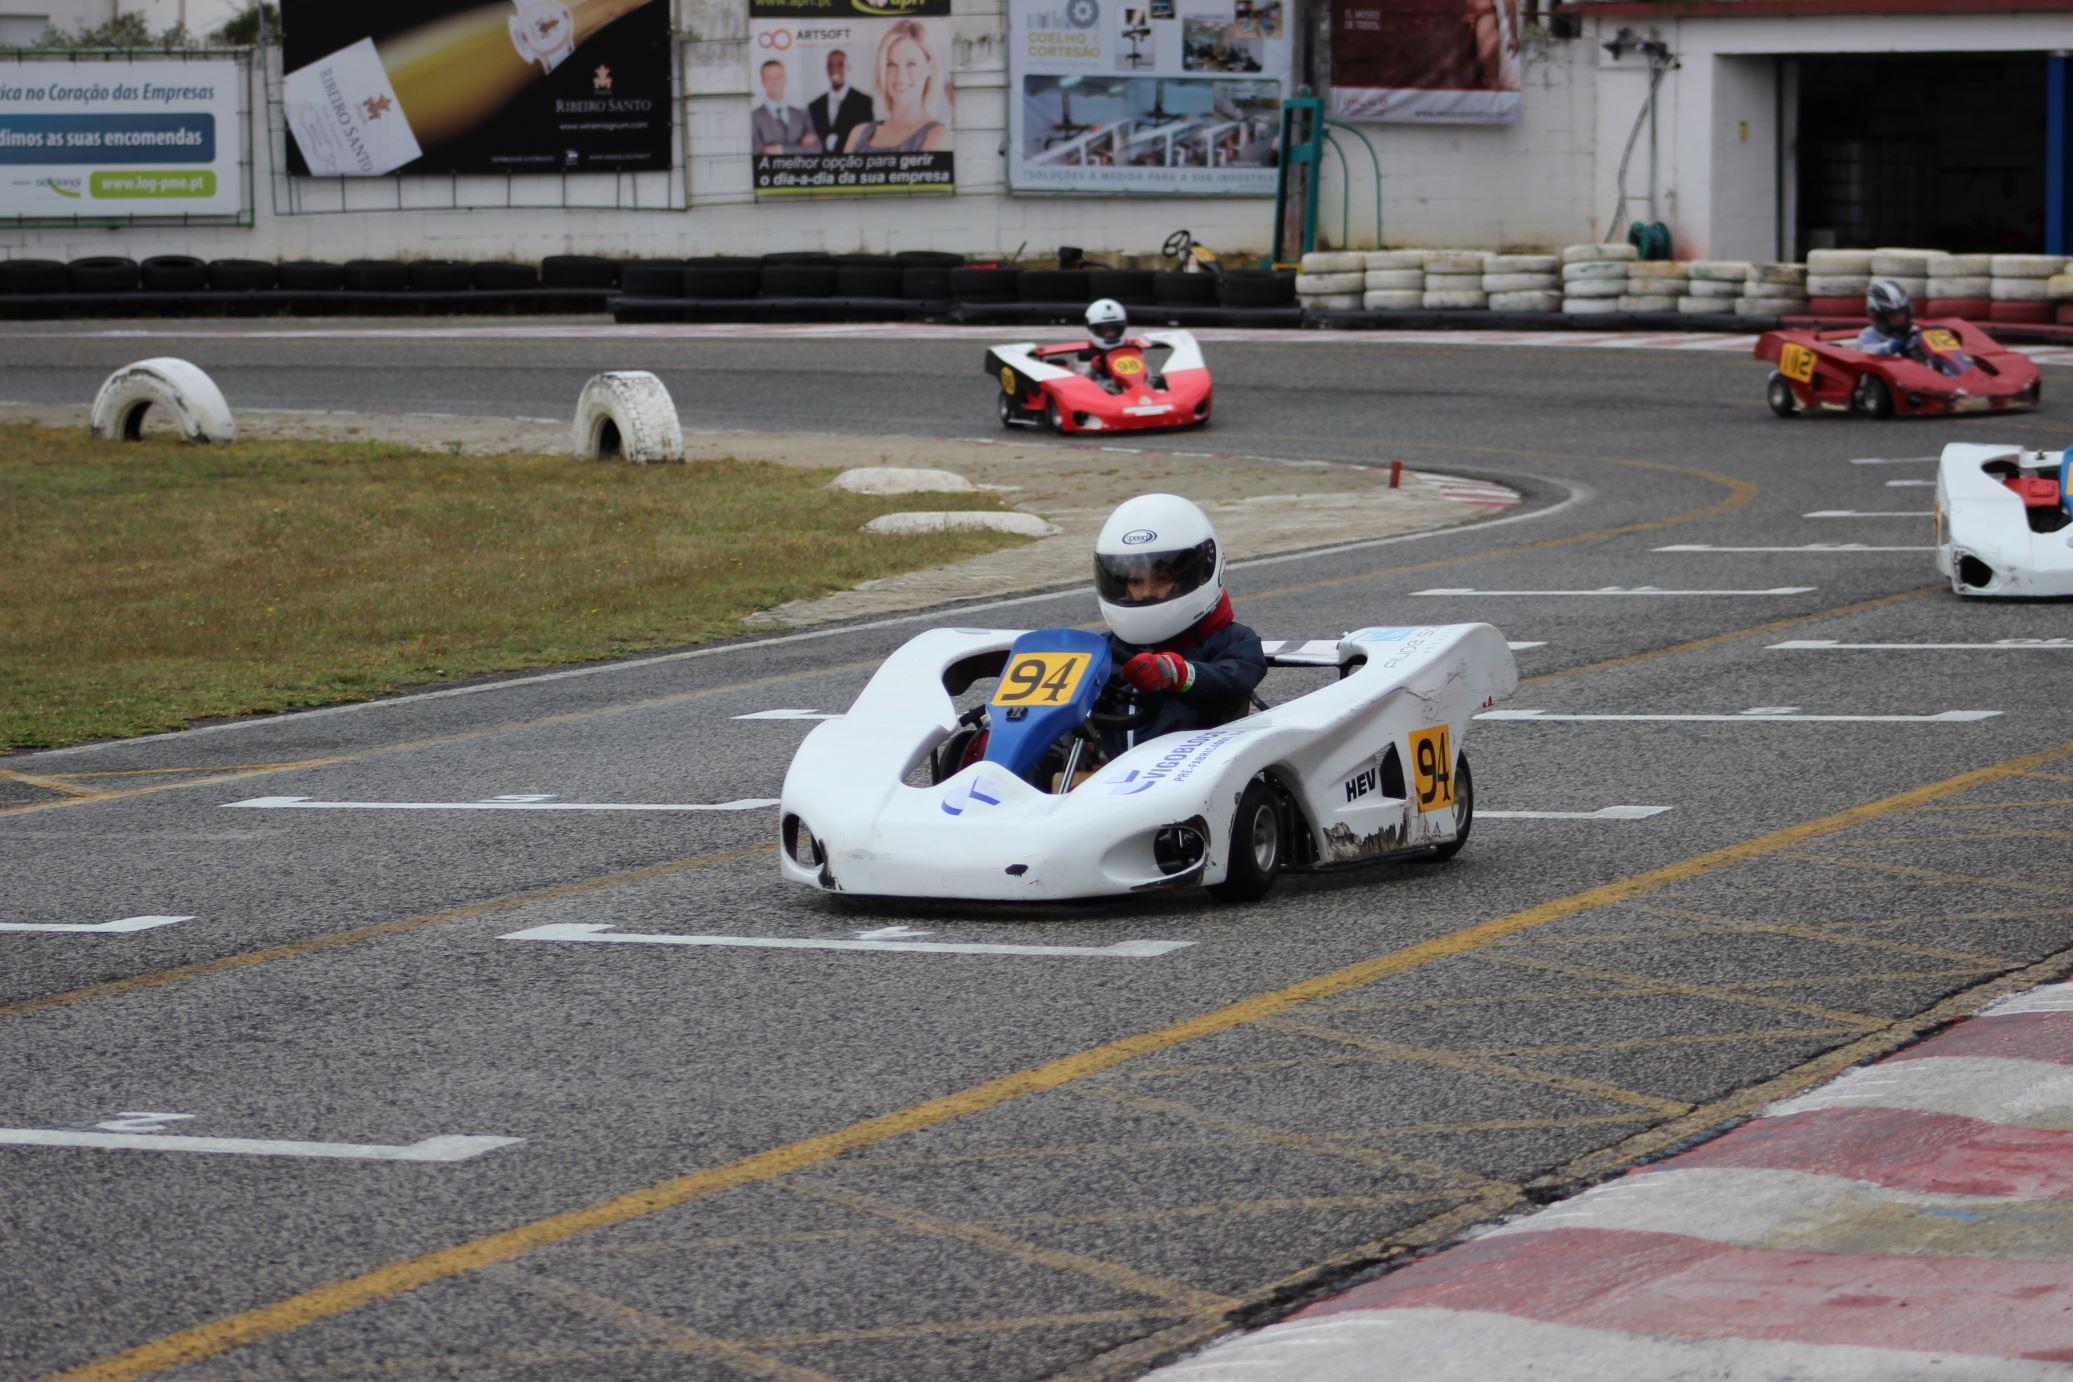 Troféu Honda 2014 - 2ª Prova150